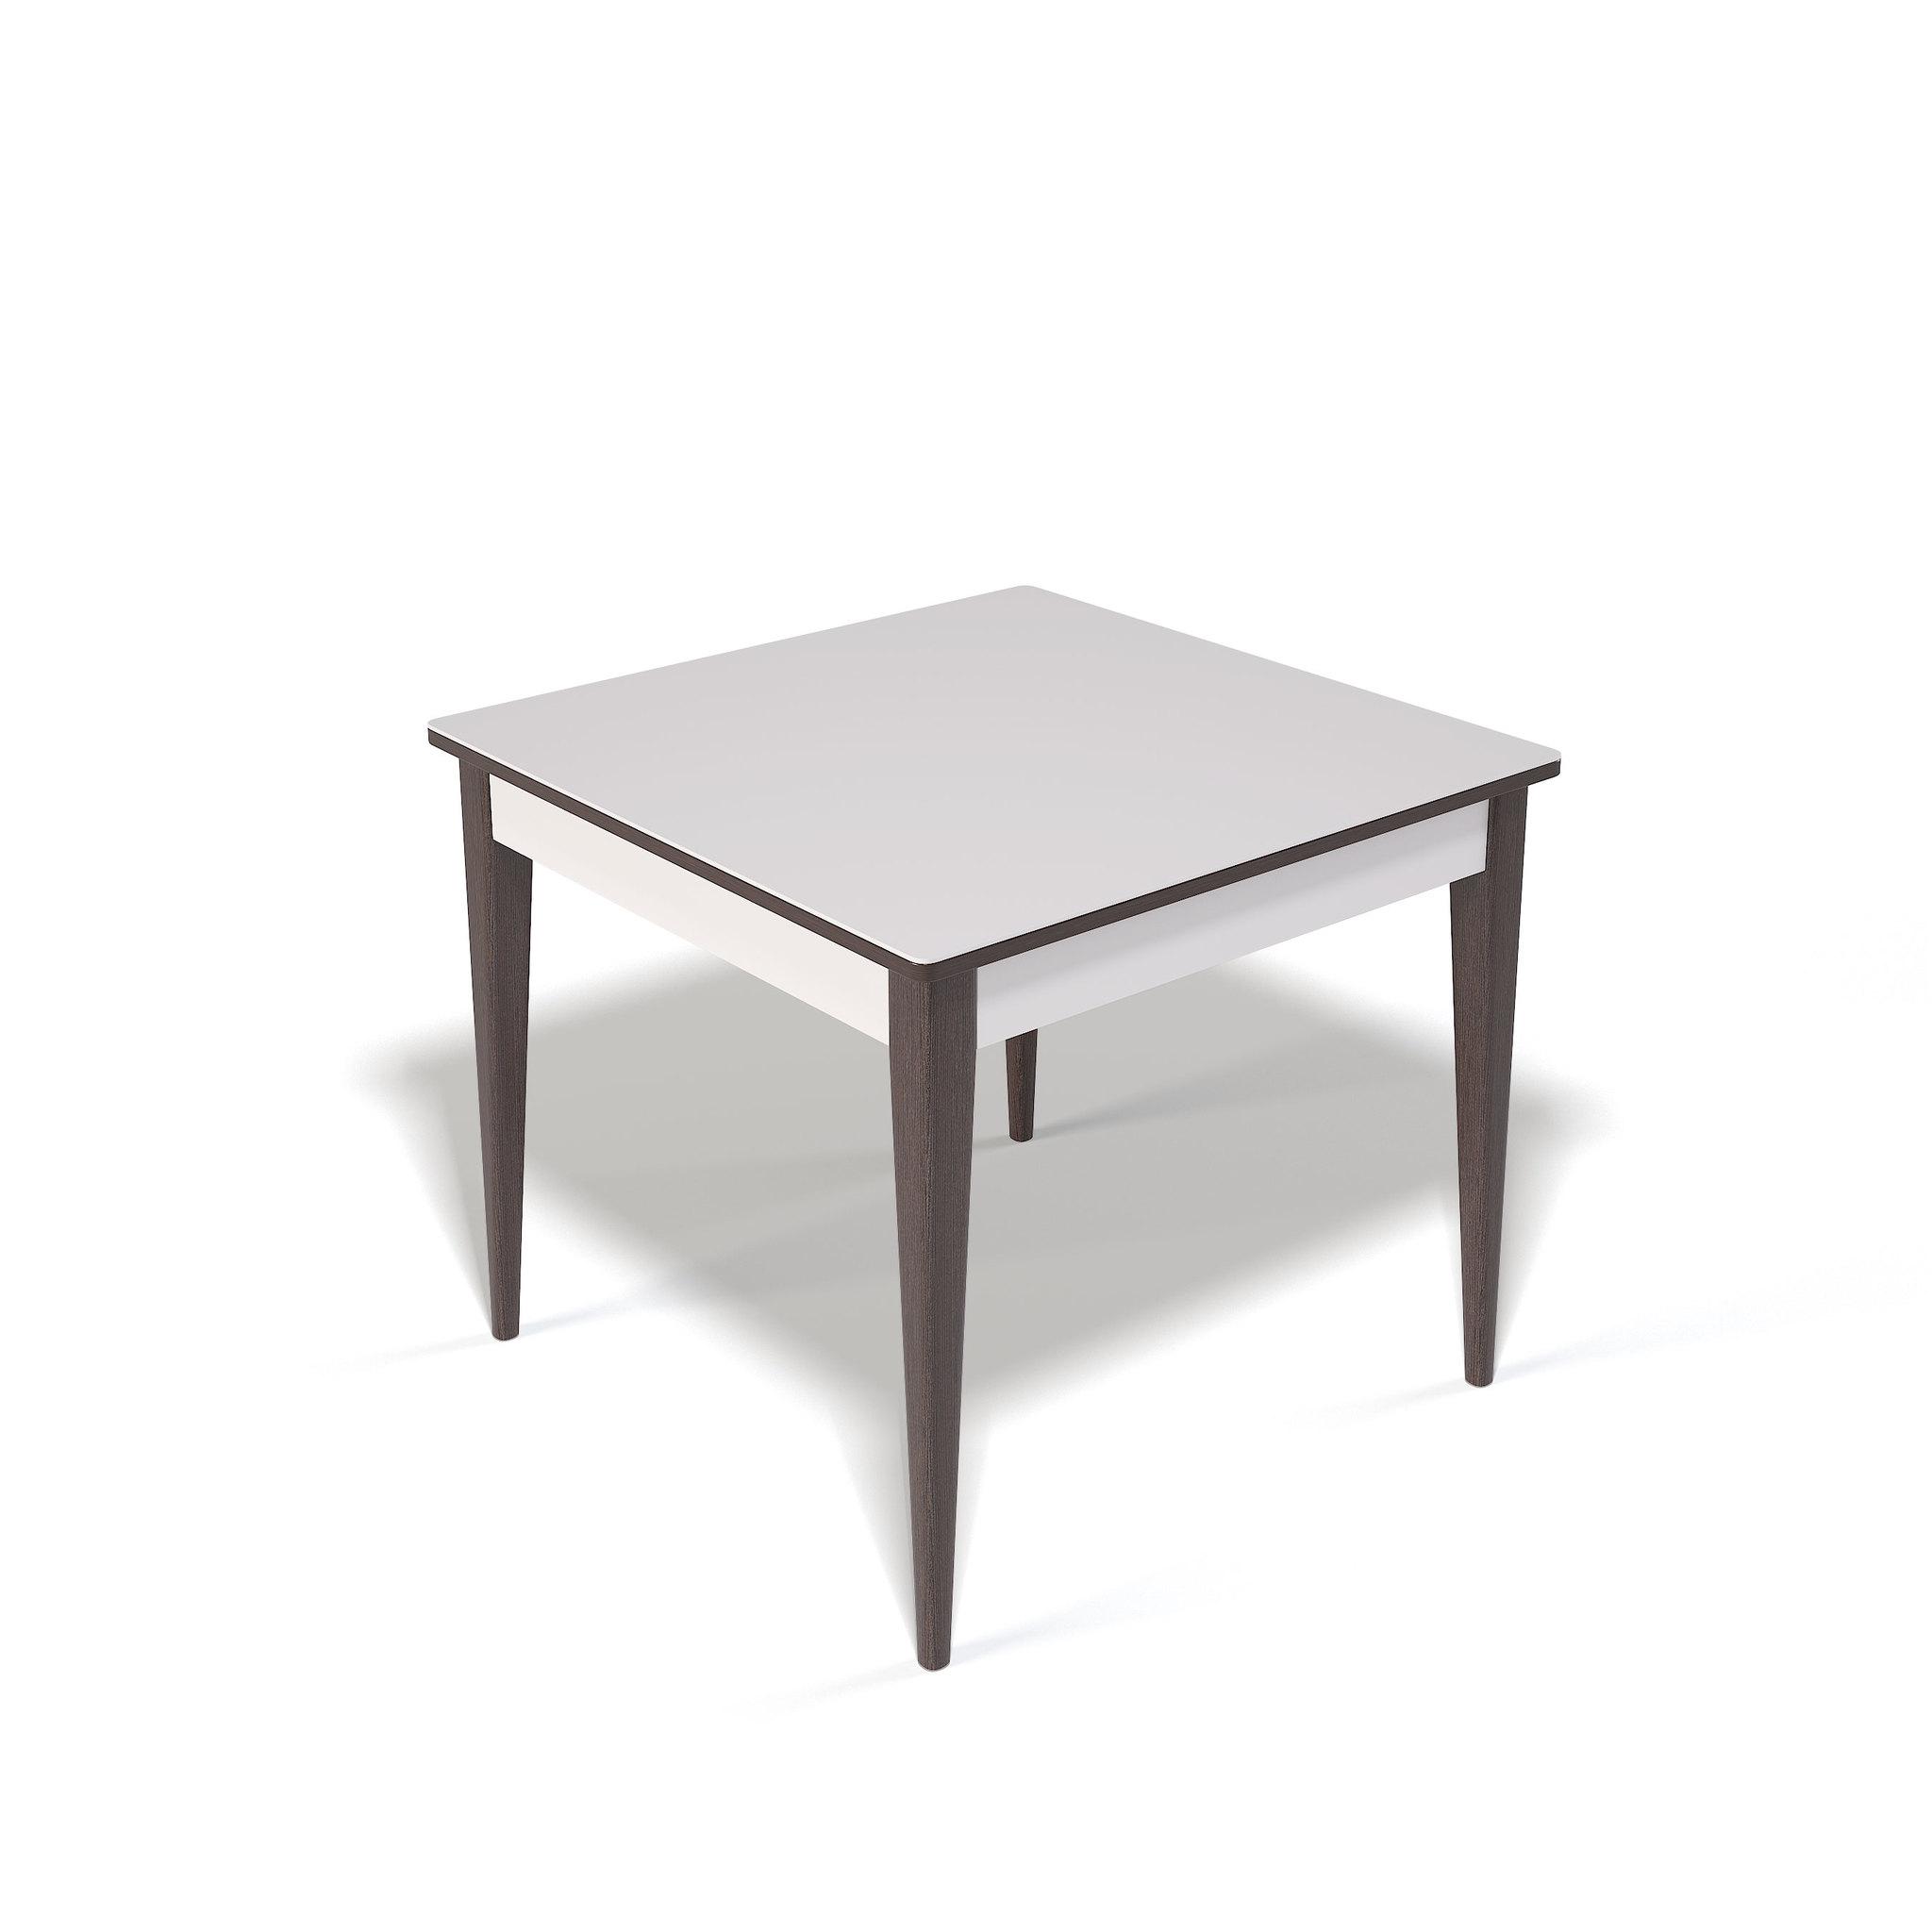 Стол Kenner T900 обеденный, раздвижной, стеклянный, венге - белый глянцевый